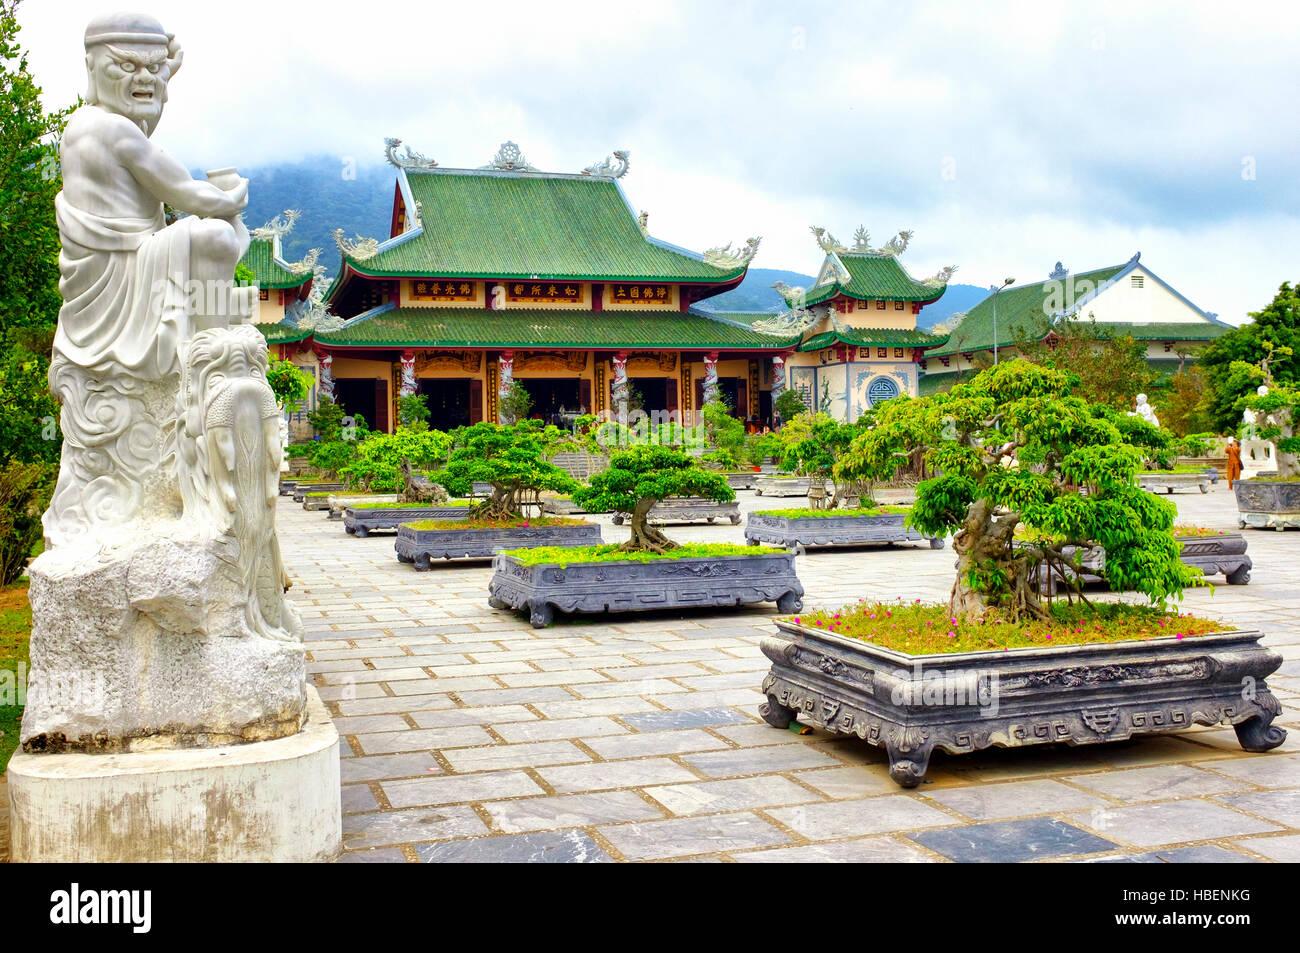 Arhat-Garten in der Son Tra Linh Ung Pagode, Da Nang, Vietnam Stockbild